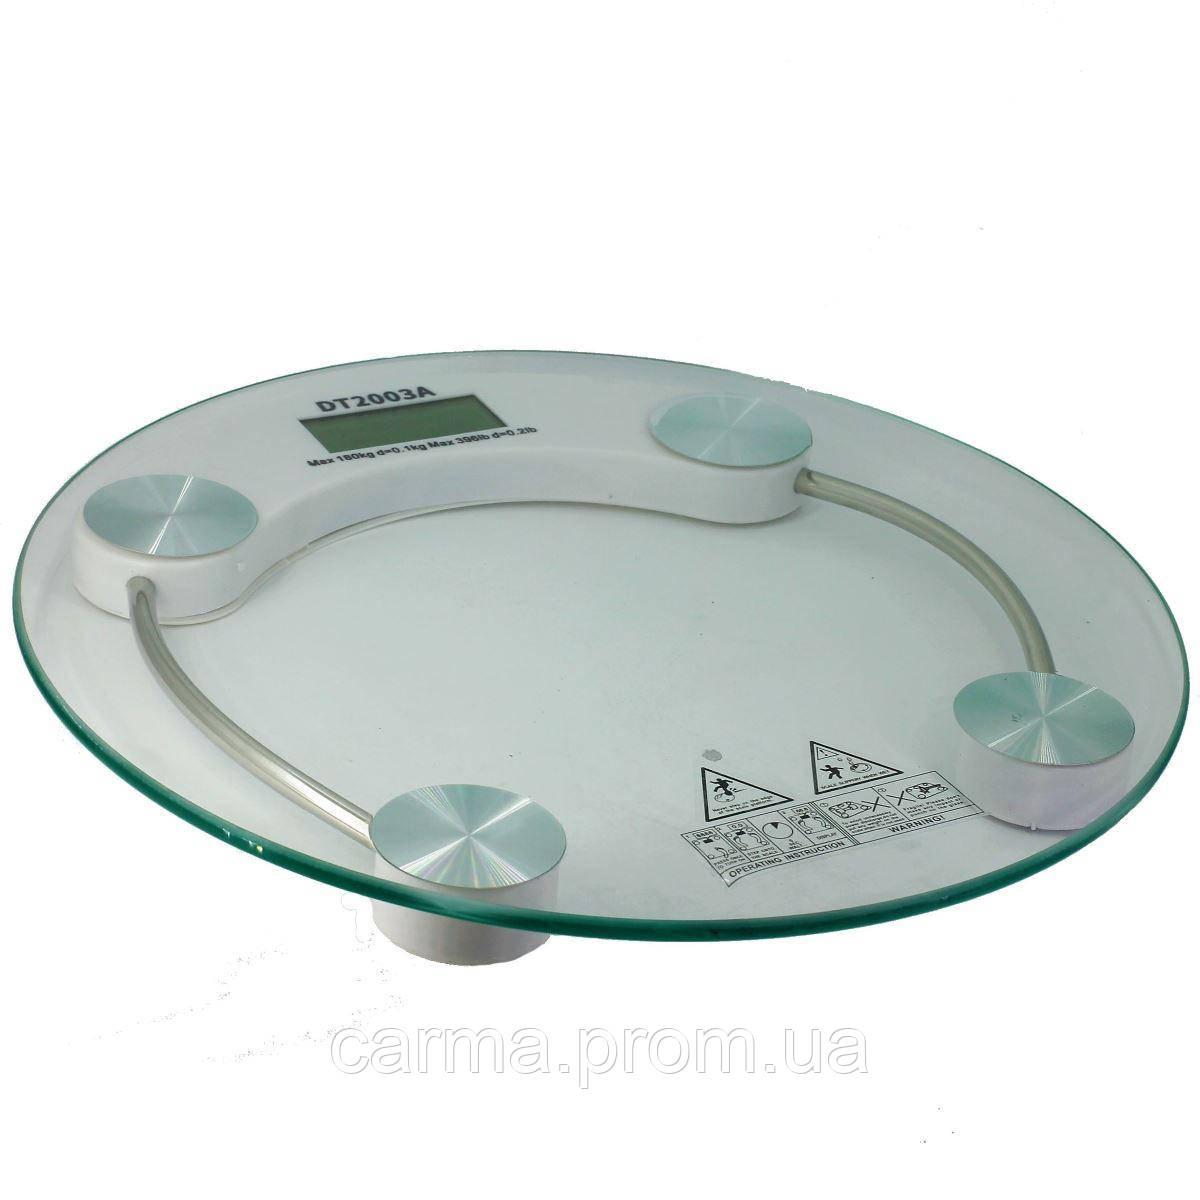 Весы напольные DiT Smart DT2003A до 180 кг, прозрачные